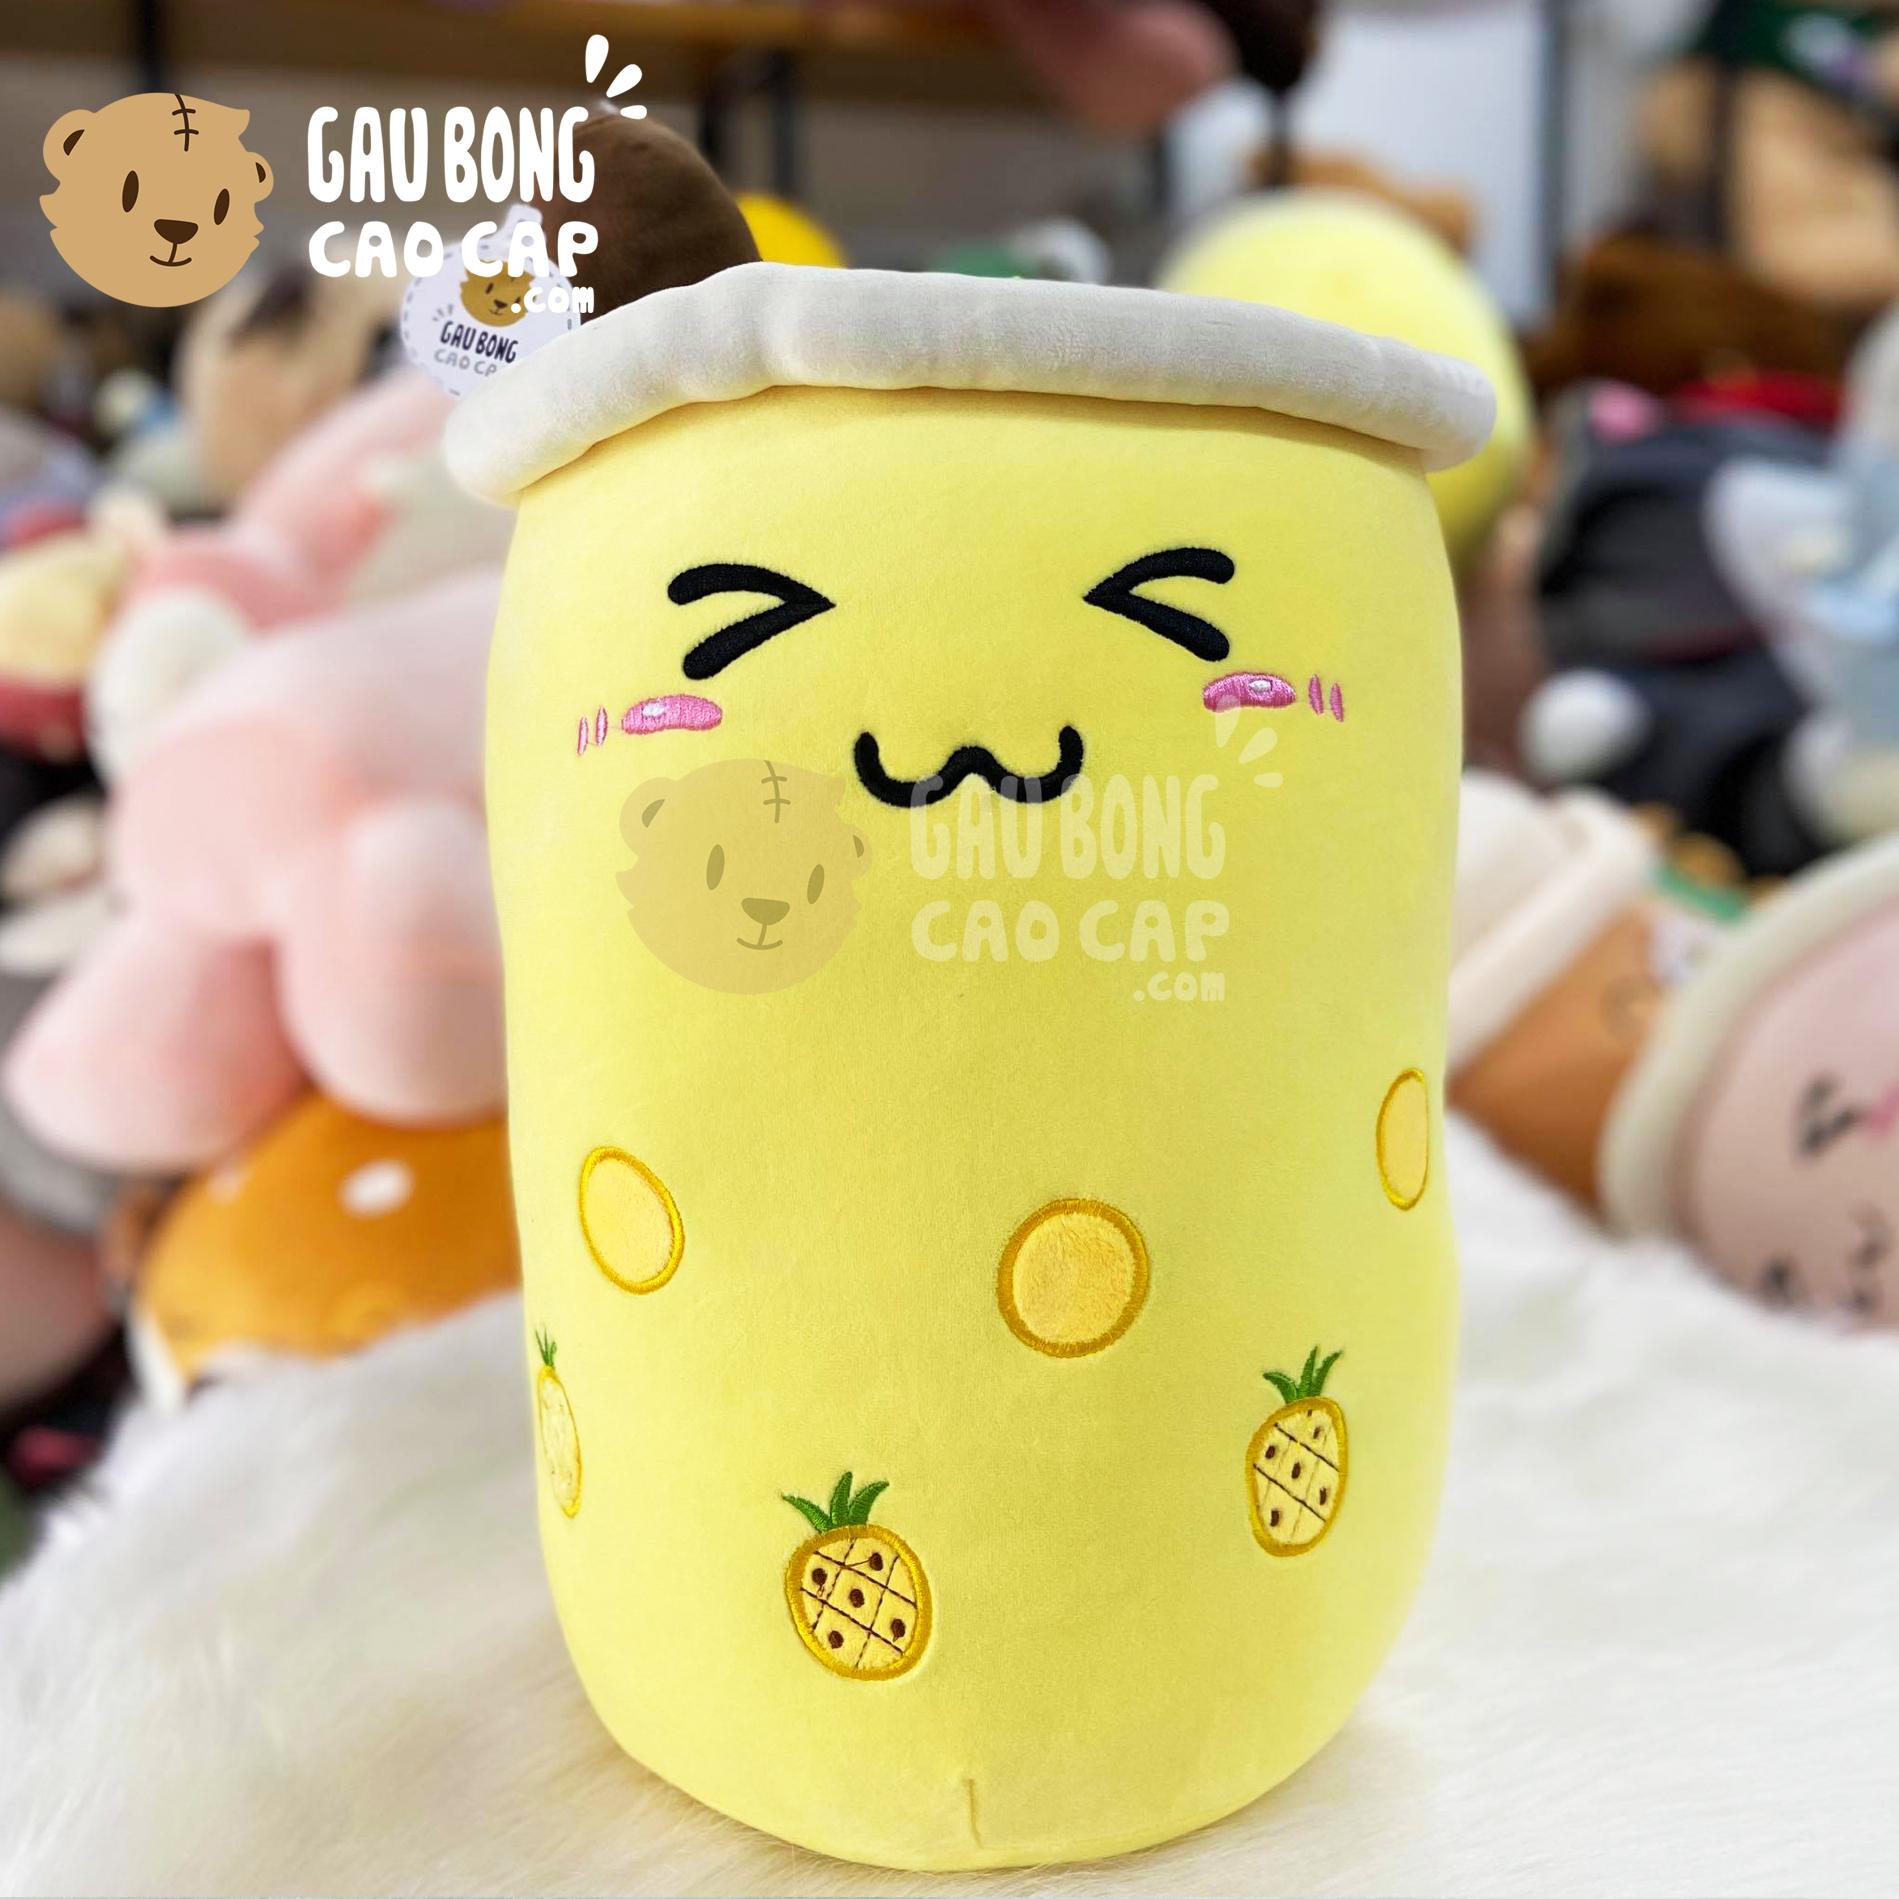 Gấu Bông Trà Sữa trái cây